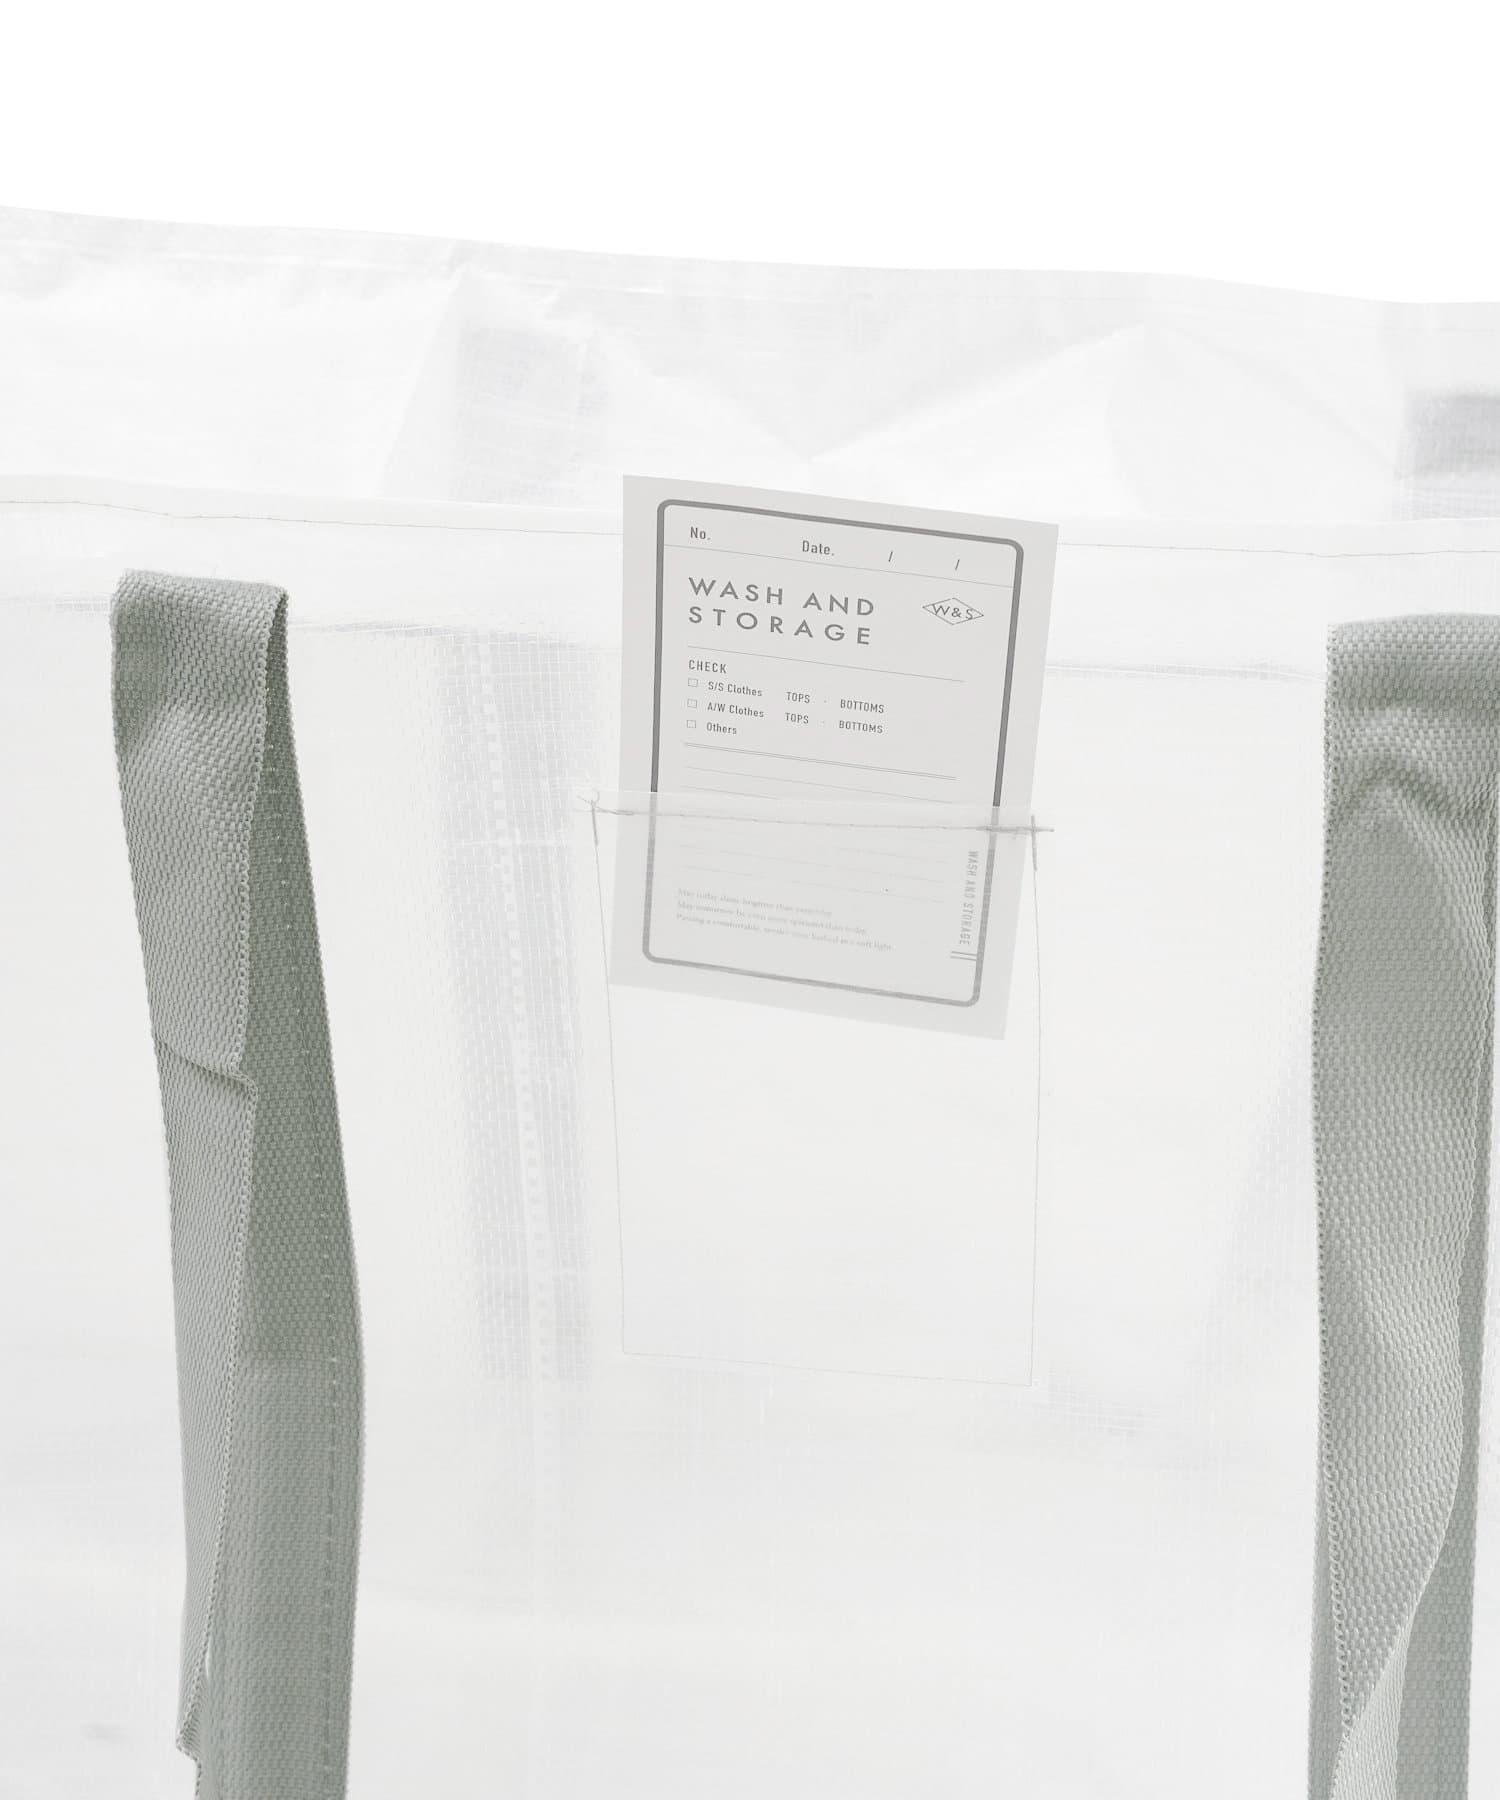 3COINS(スリーコインズ) 【衣替えや小物整理におすすめ】クリアボックスバッグ【LLサイズ】